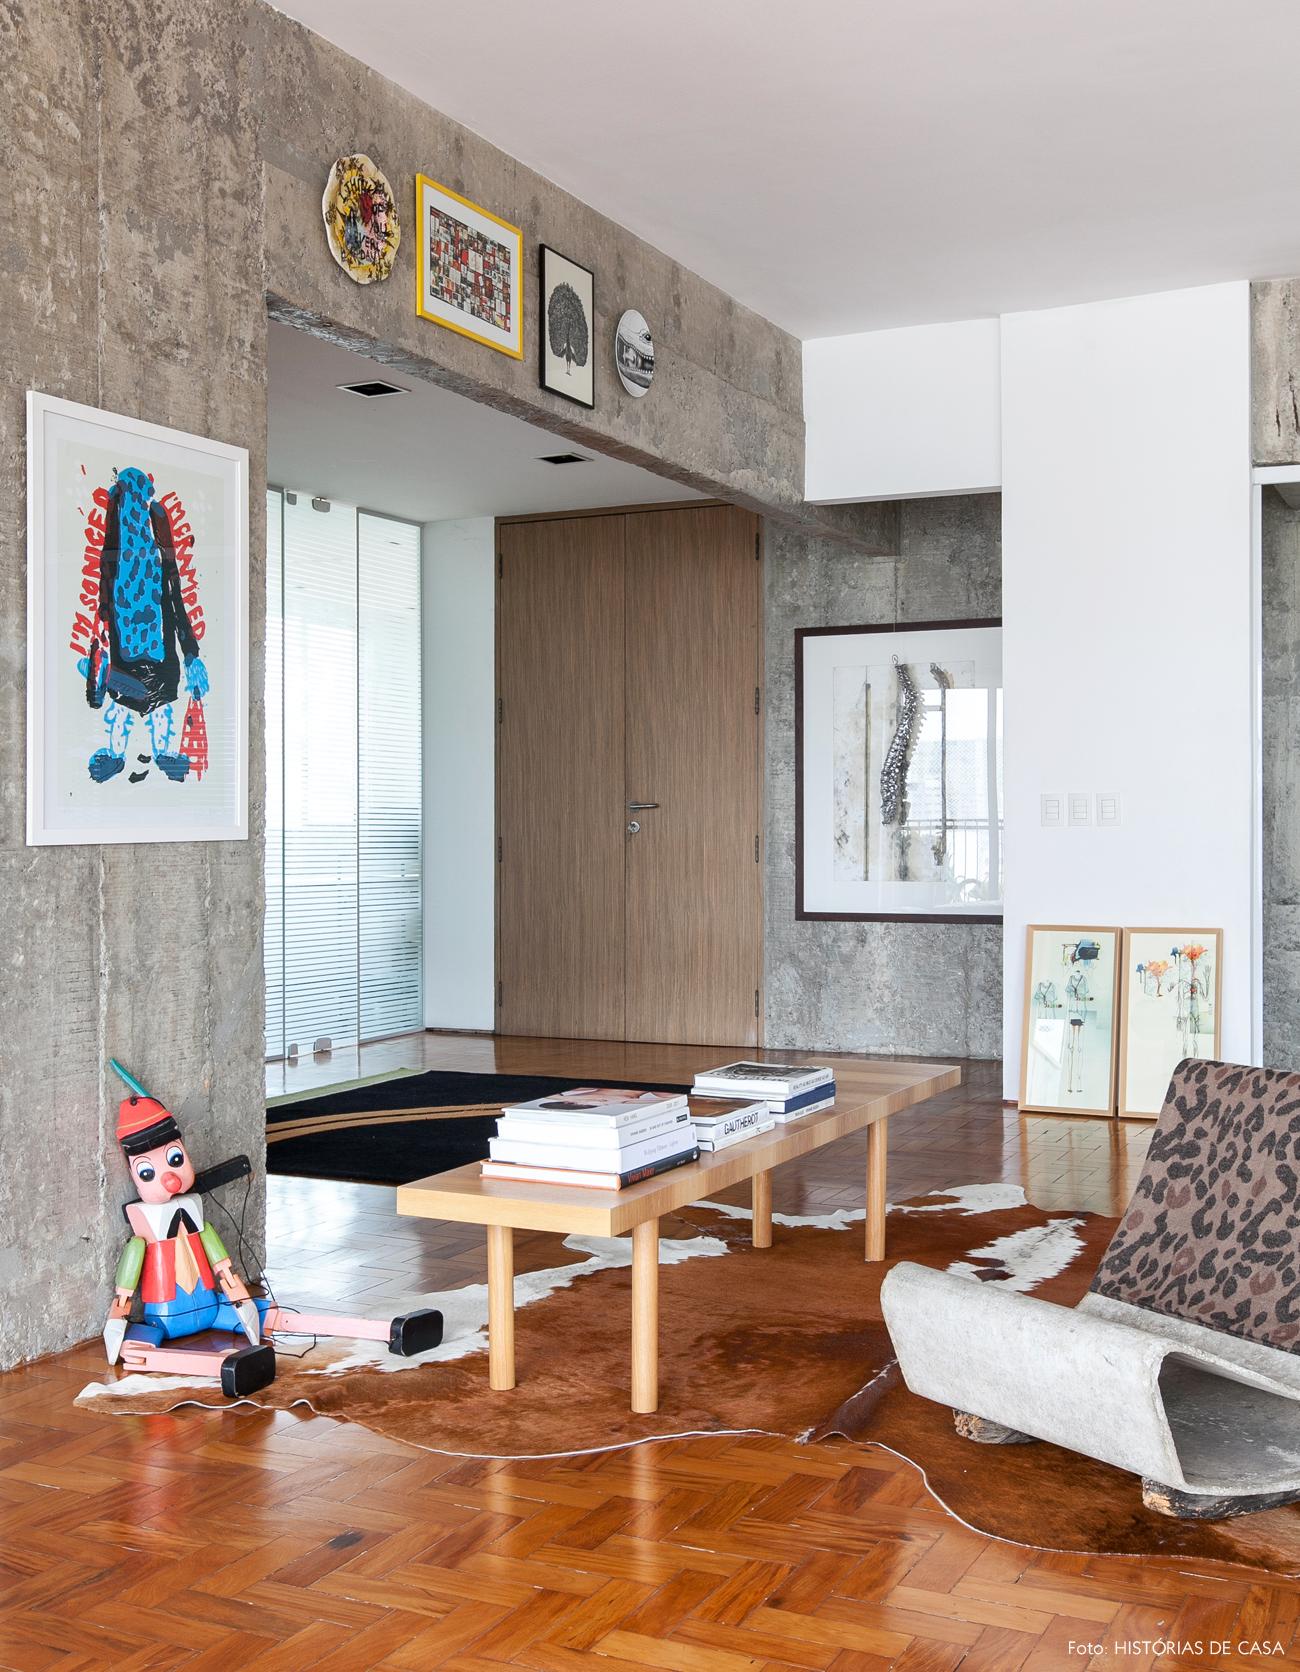 03-decoracao-parede-concreto-madeira-tons-claros-integracao